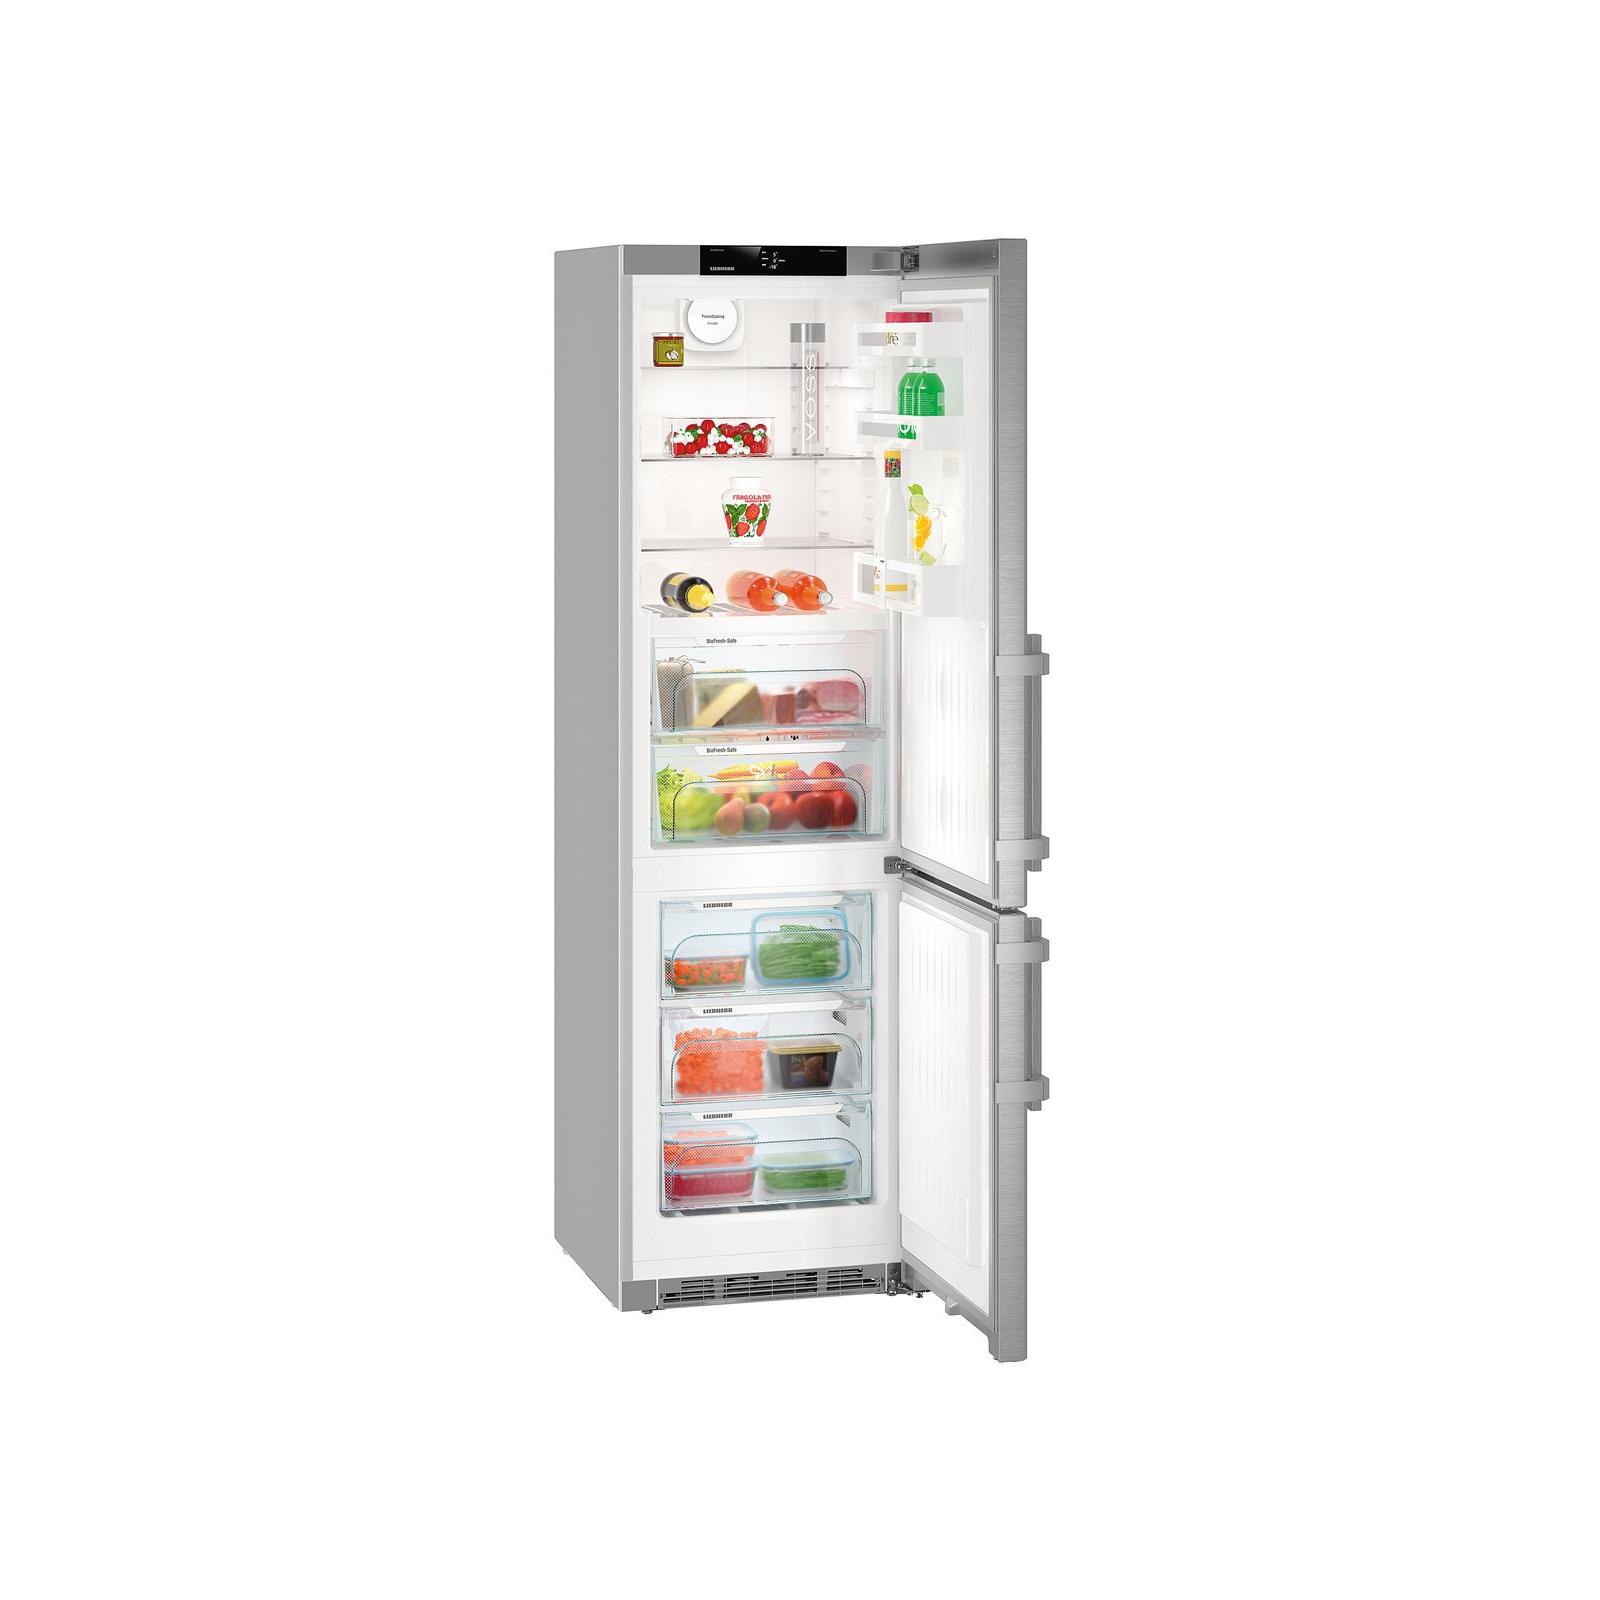 Холодильник Liebherr CBef 4815 изображение 5